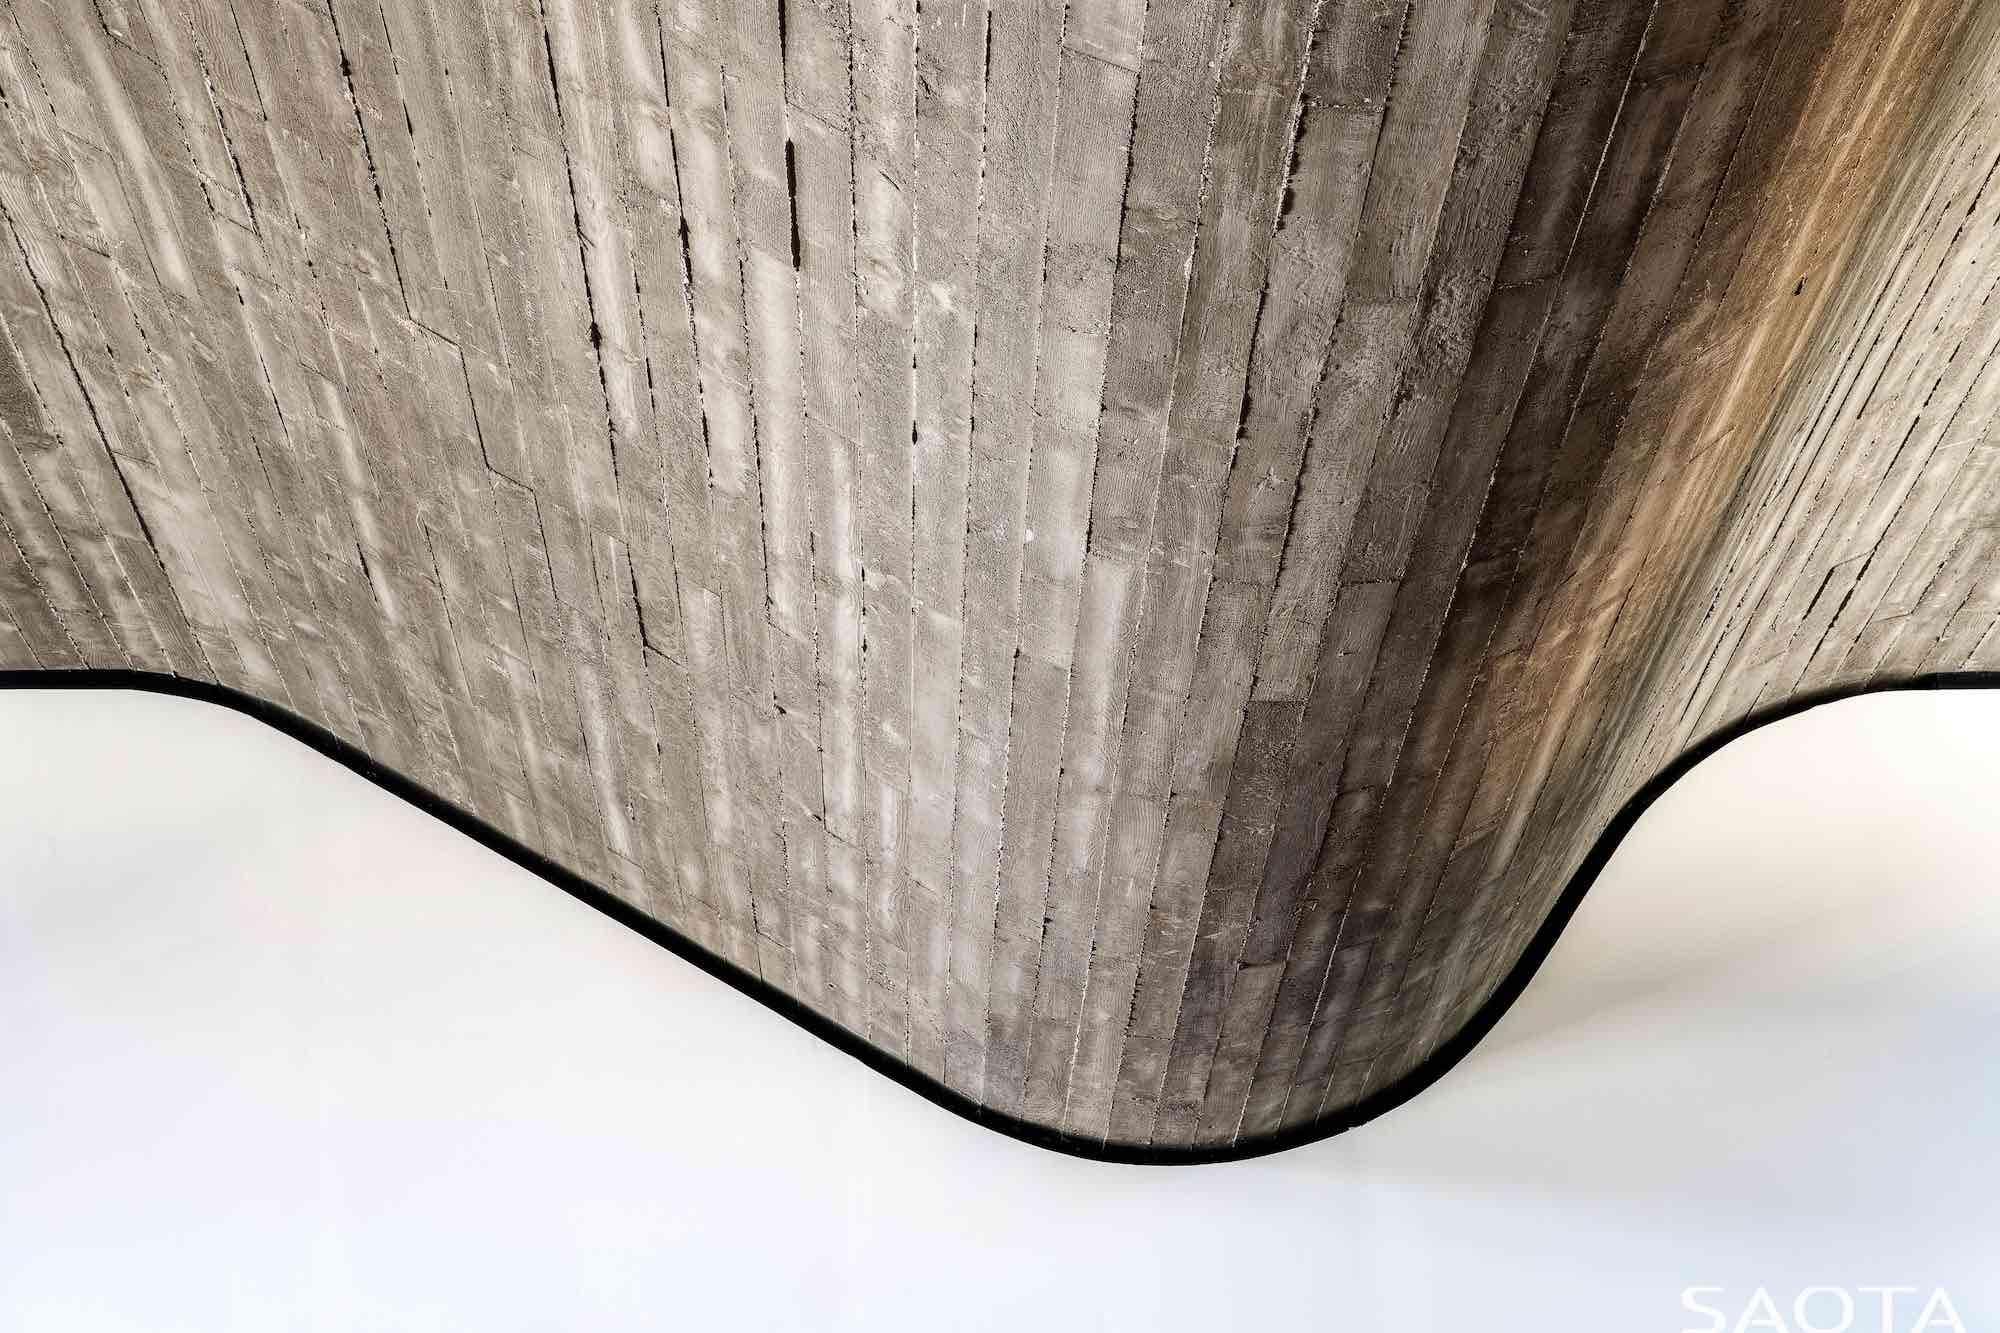 folded concrete roof like a wave